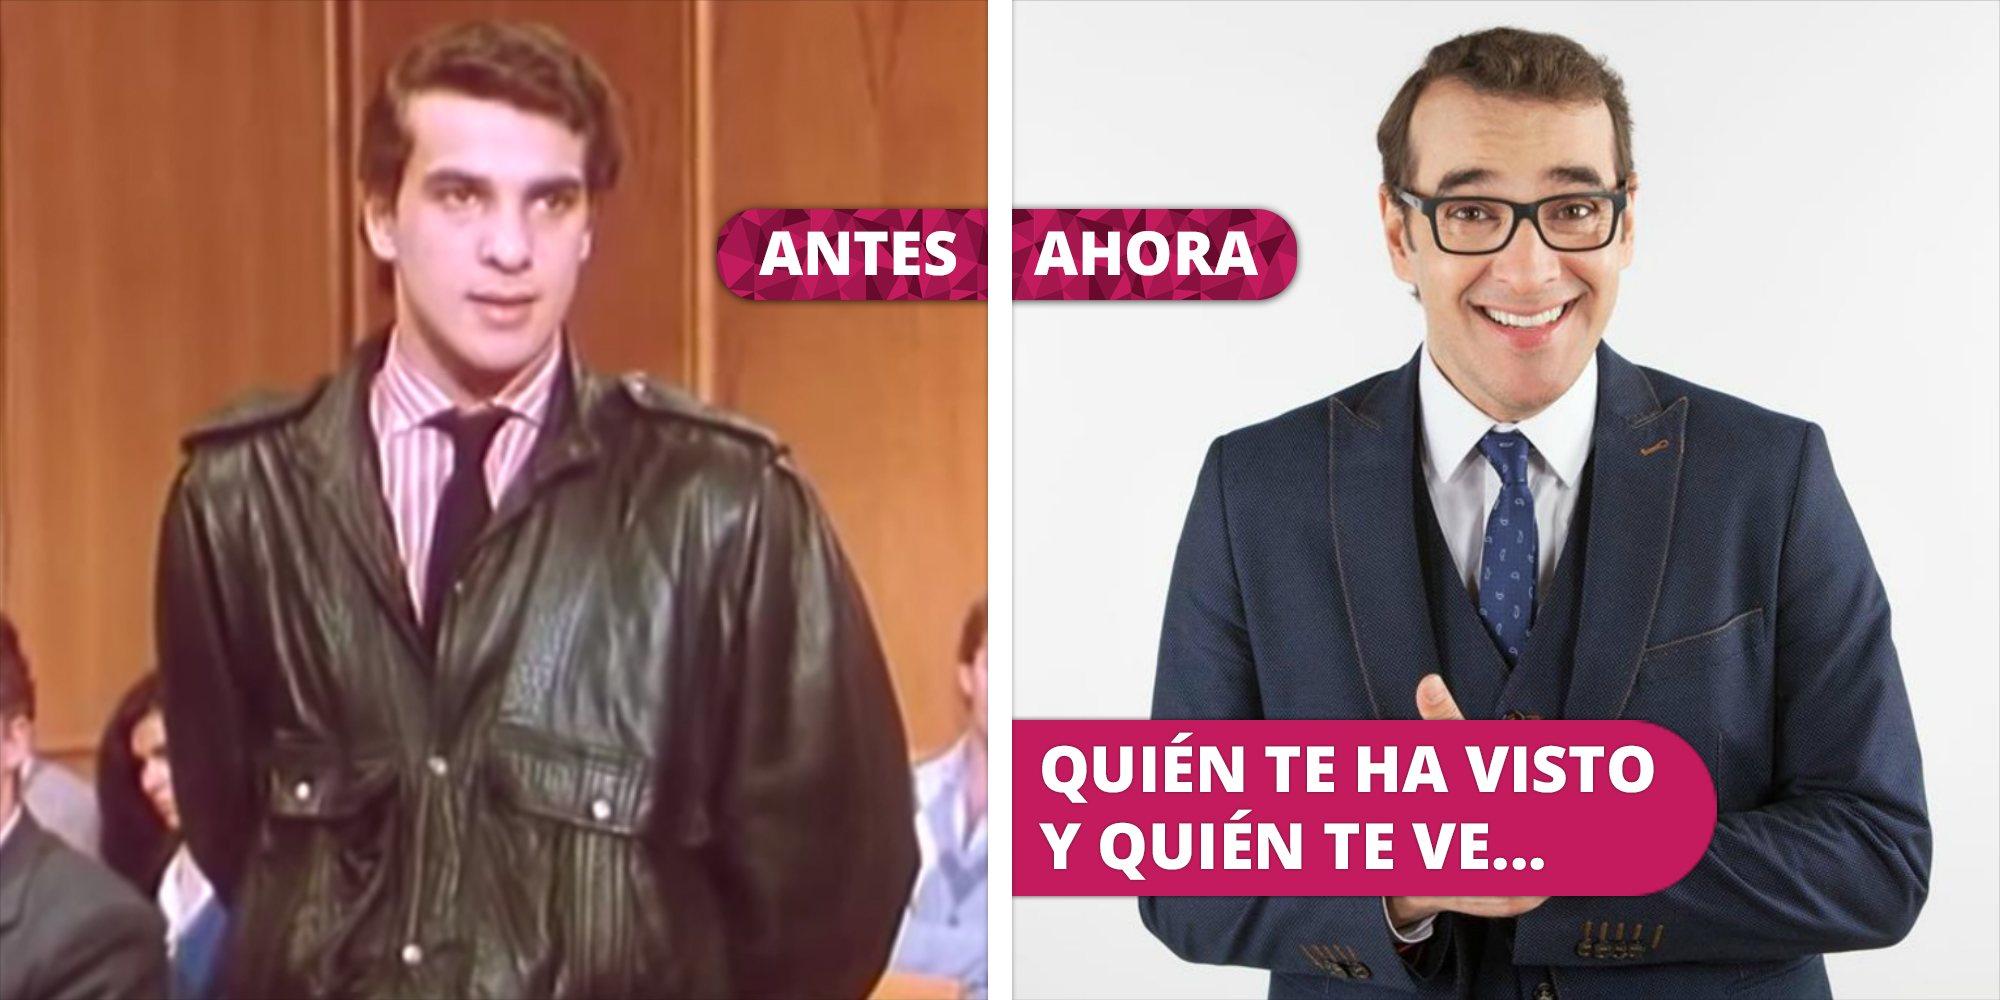 Así ha cambiado Luis Merlo: De su debut televisivo en 'Turno de oficio' a su éxito en 'ANHQV', 'El internado' y 'LQSA'